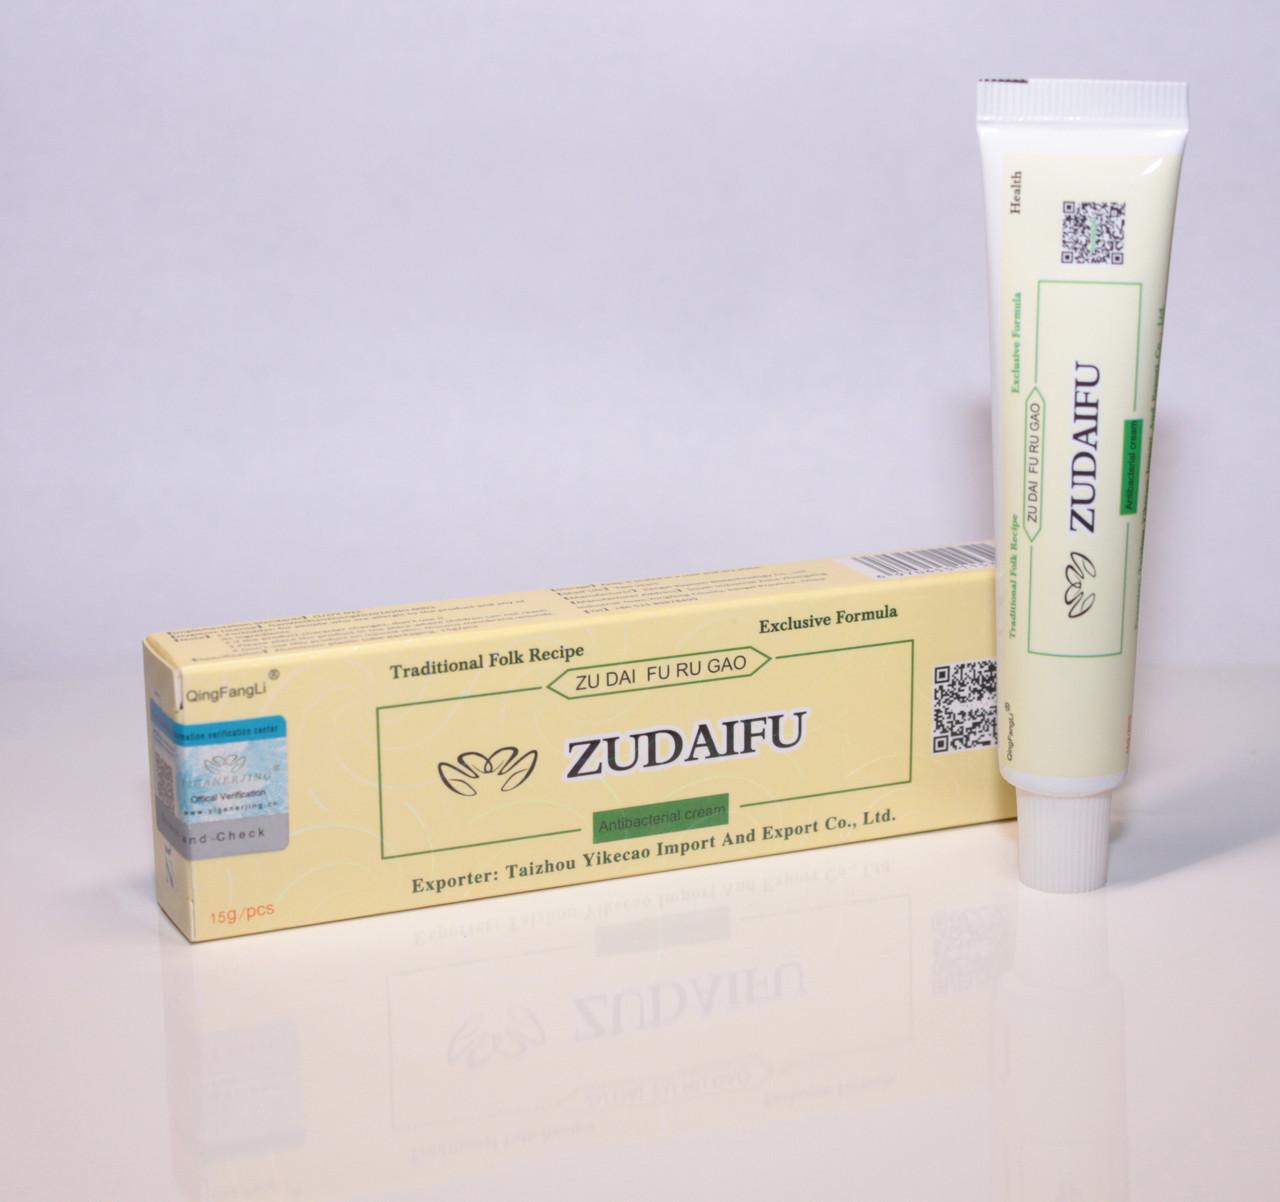 Крем від псоріазу Zudaifu - Негормональная мазь для лікування псоріазу, Китайський крем від псоріазу